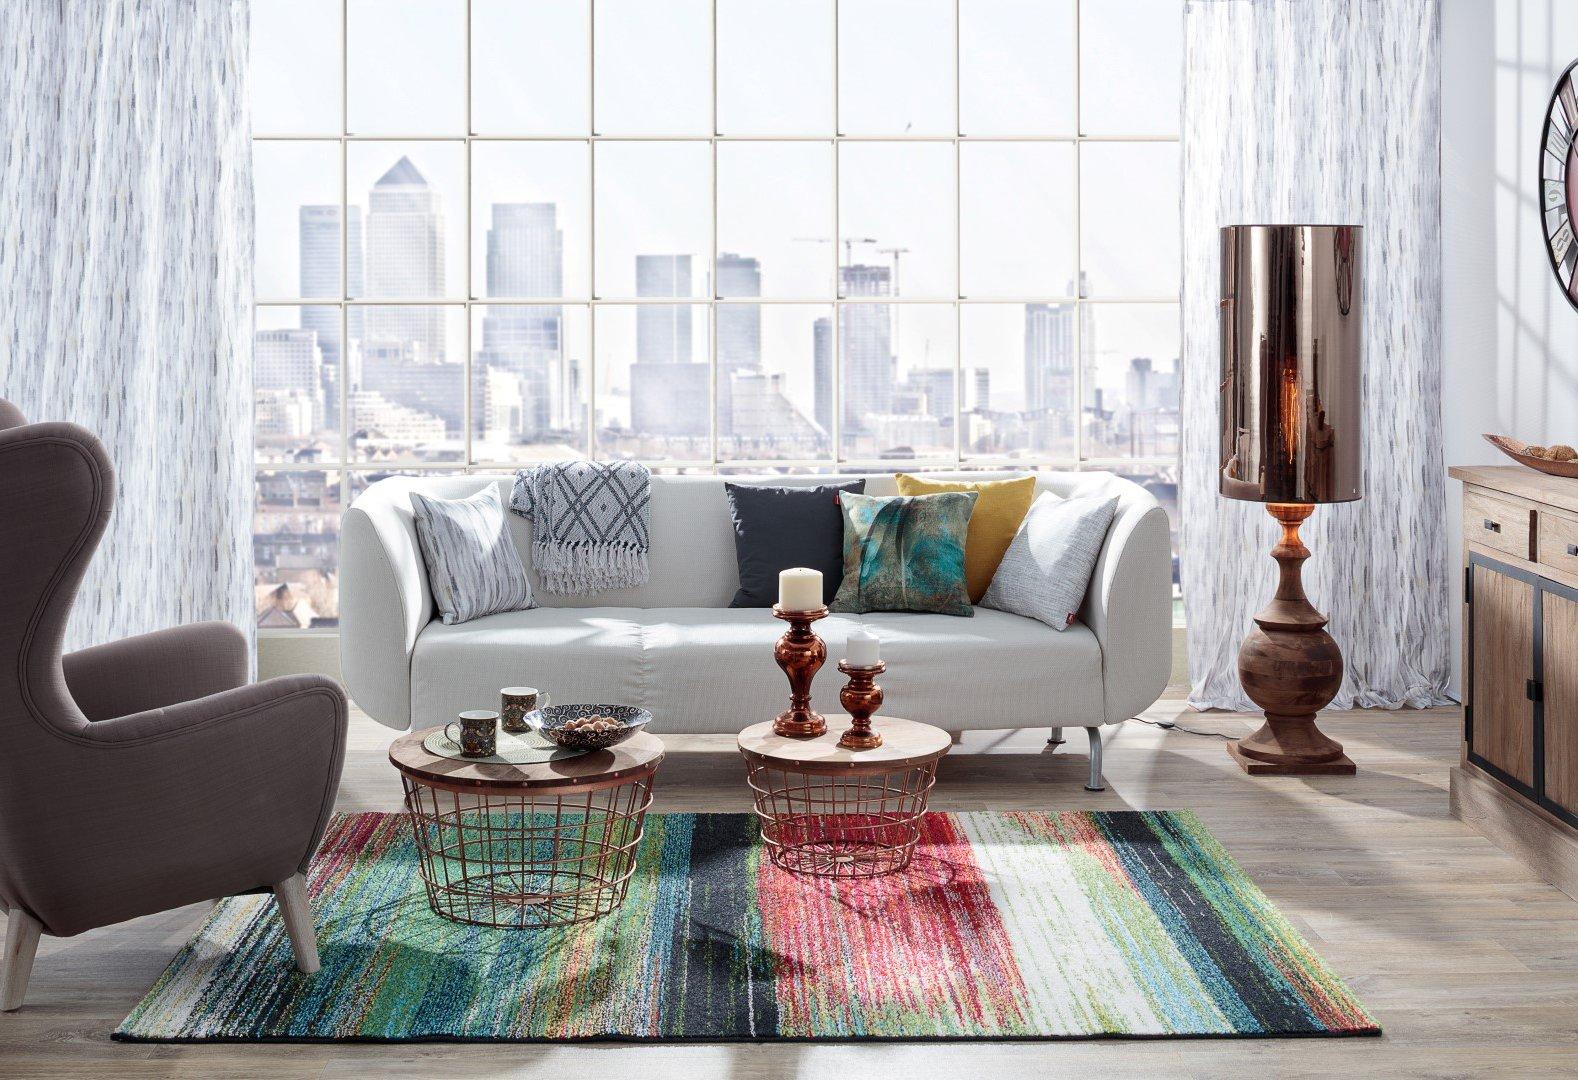 Das Wohnzimmer im Stil der Großstadt